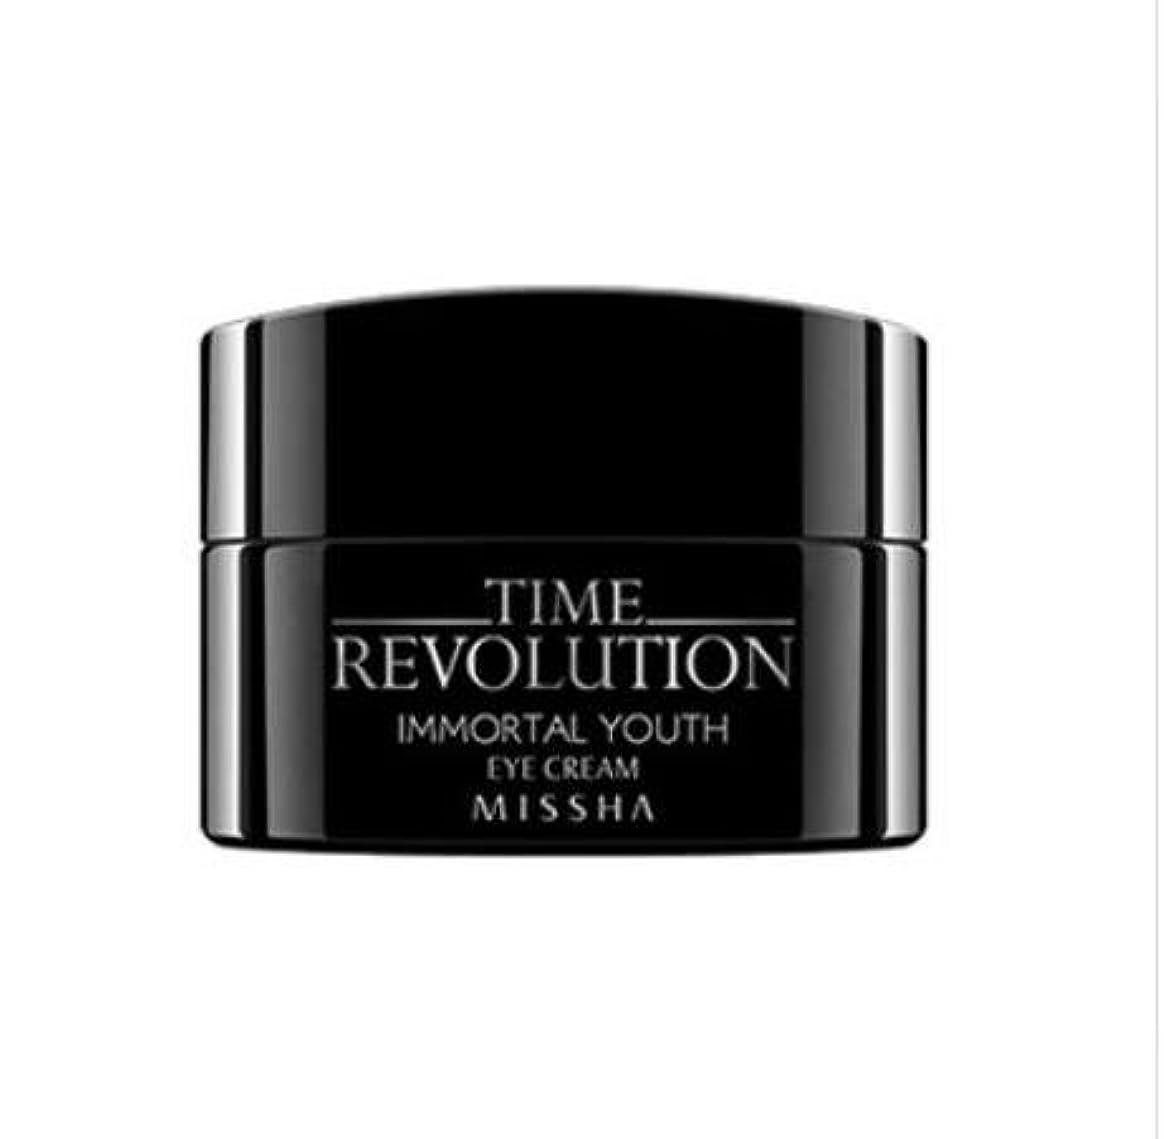 ダム過度の鉄道[ミシャ] Missha [タイムレボリューション イモタルユース アイクリーム](MISSHA Time Revolution Immortal Youth Eye Cream) [並行輸入品]